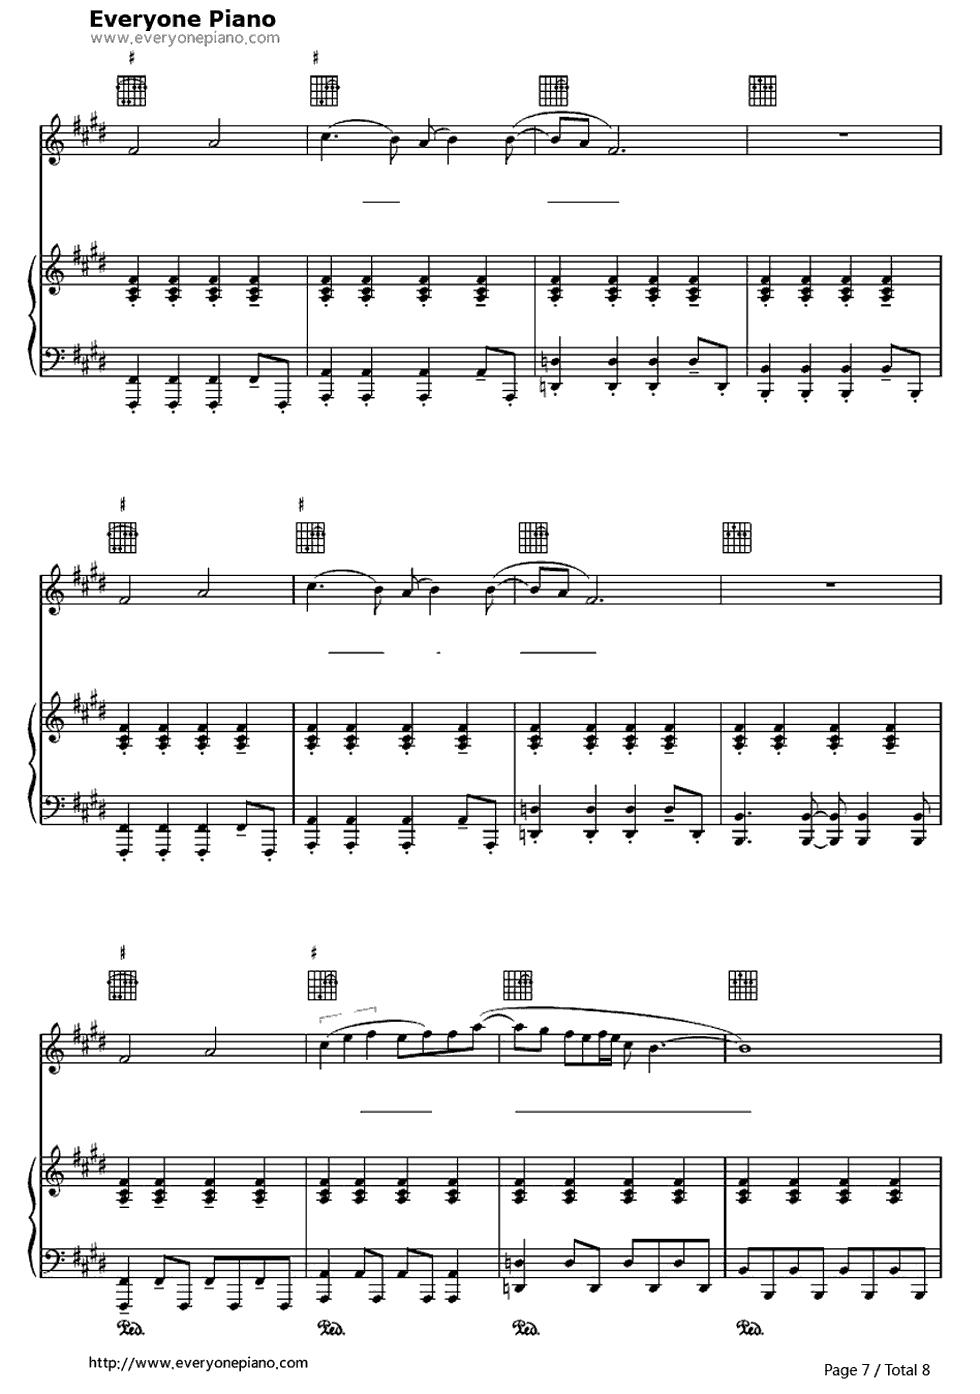 letitgo曲谱